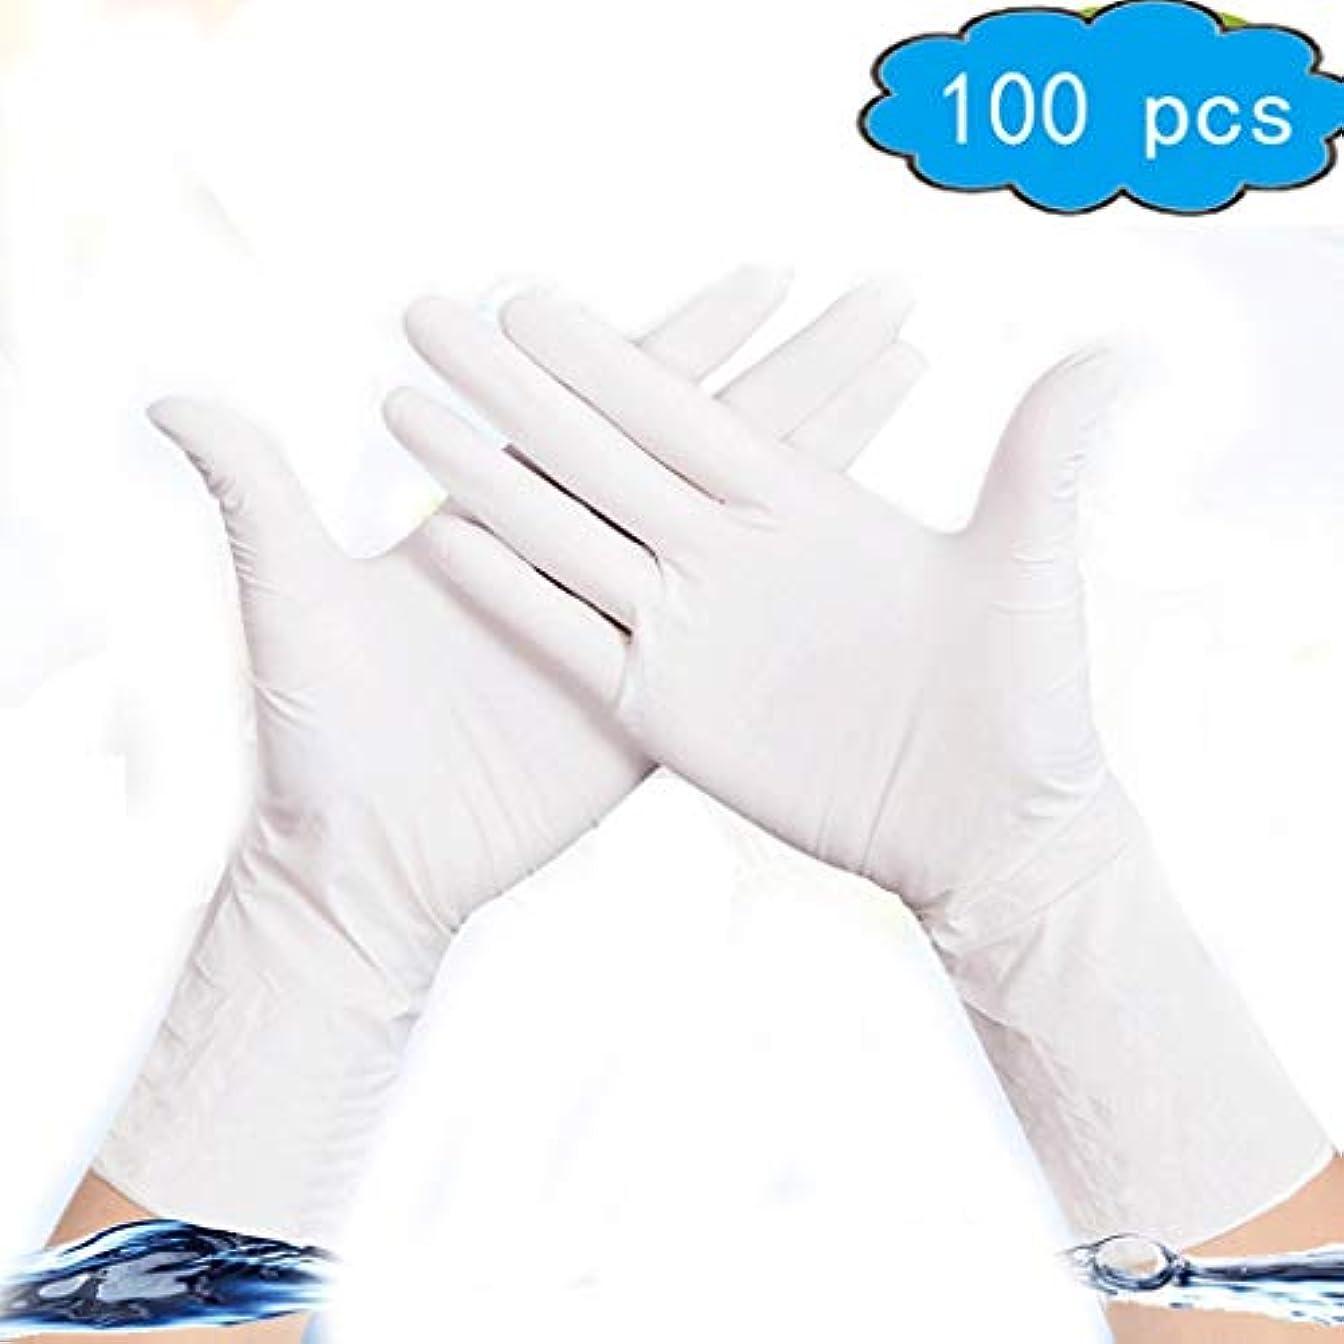 太いリーン些細使い捨てニトリル手袋、無粉末、滑らかな肌触り、食品グレード、非滅菌[100パック]、サニタリー手袋、家庭用品、ツール&ホームインプルーブメント (Color : White, Size : XS)